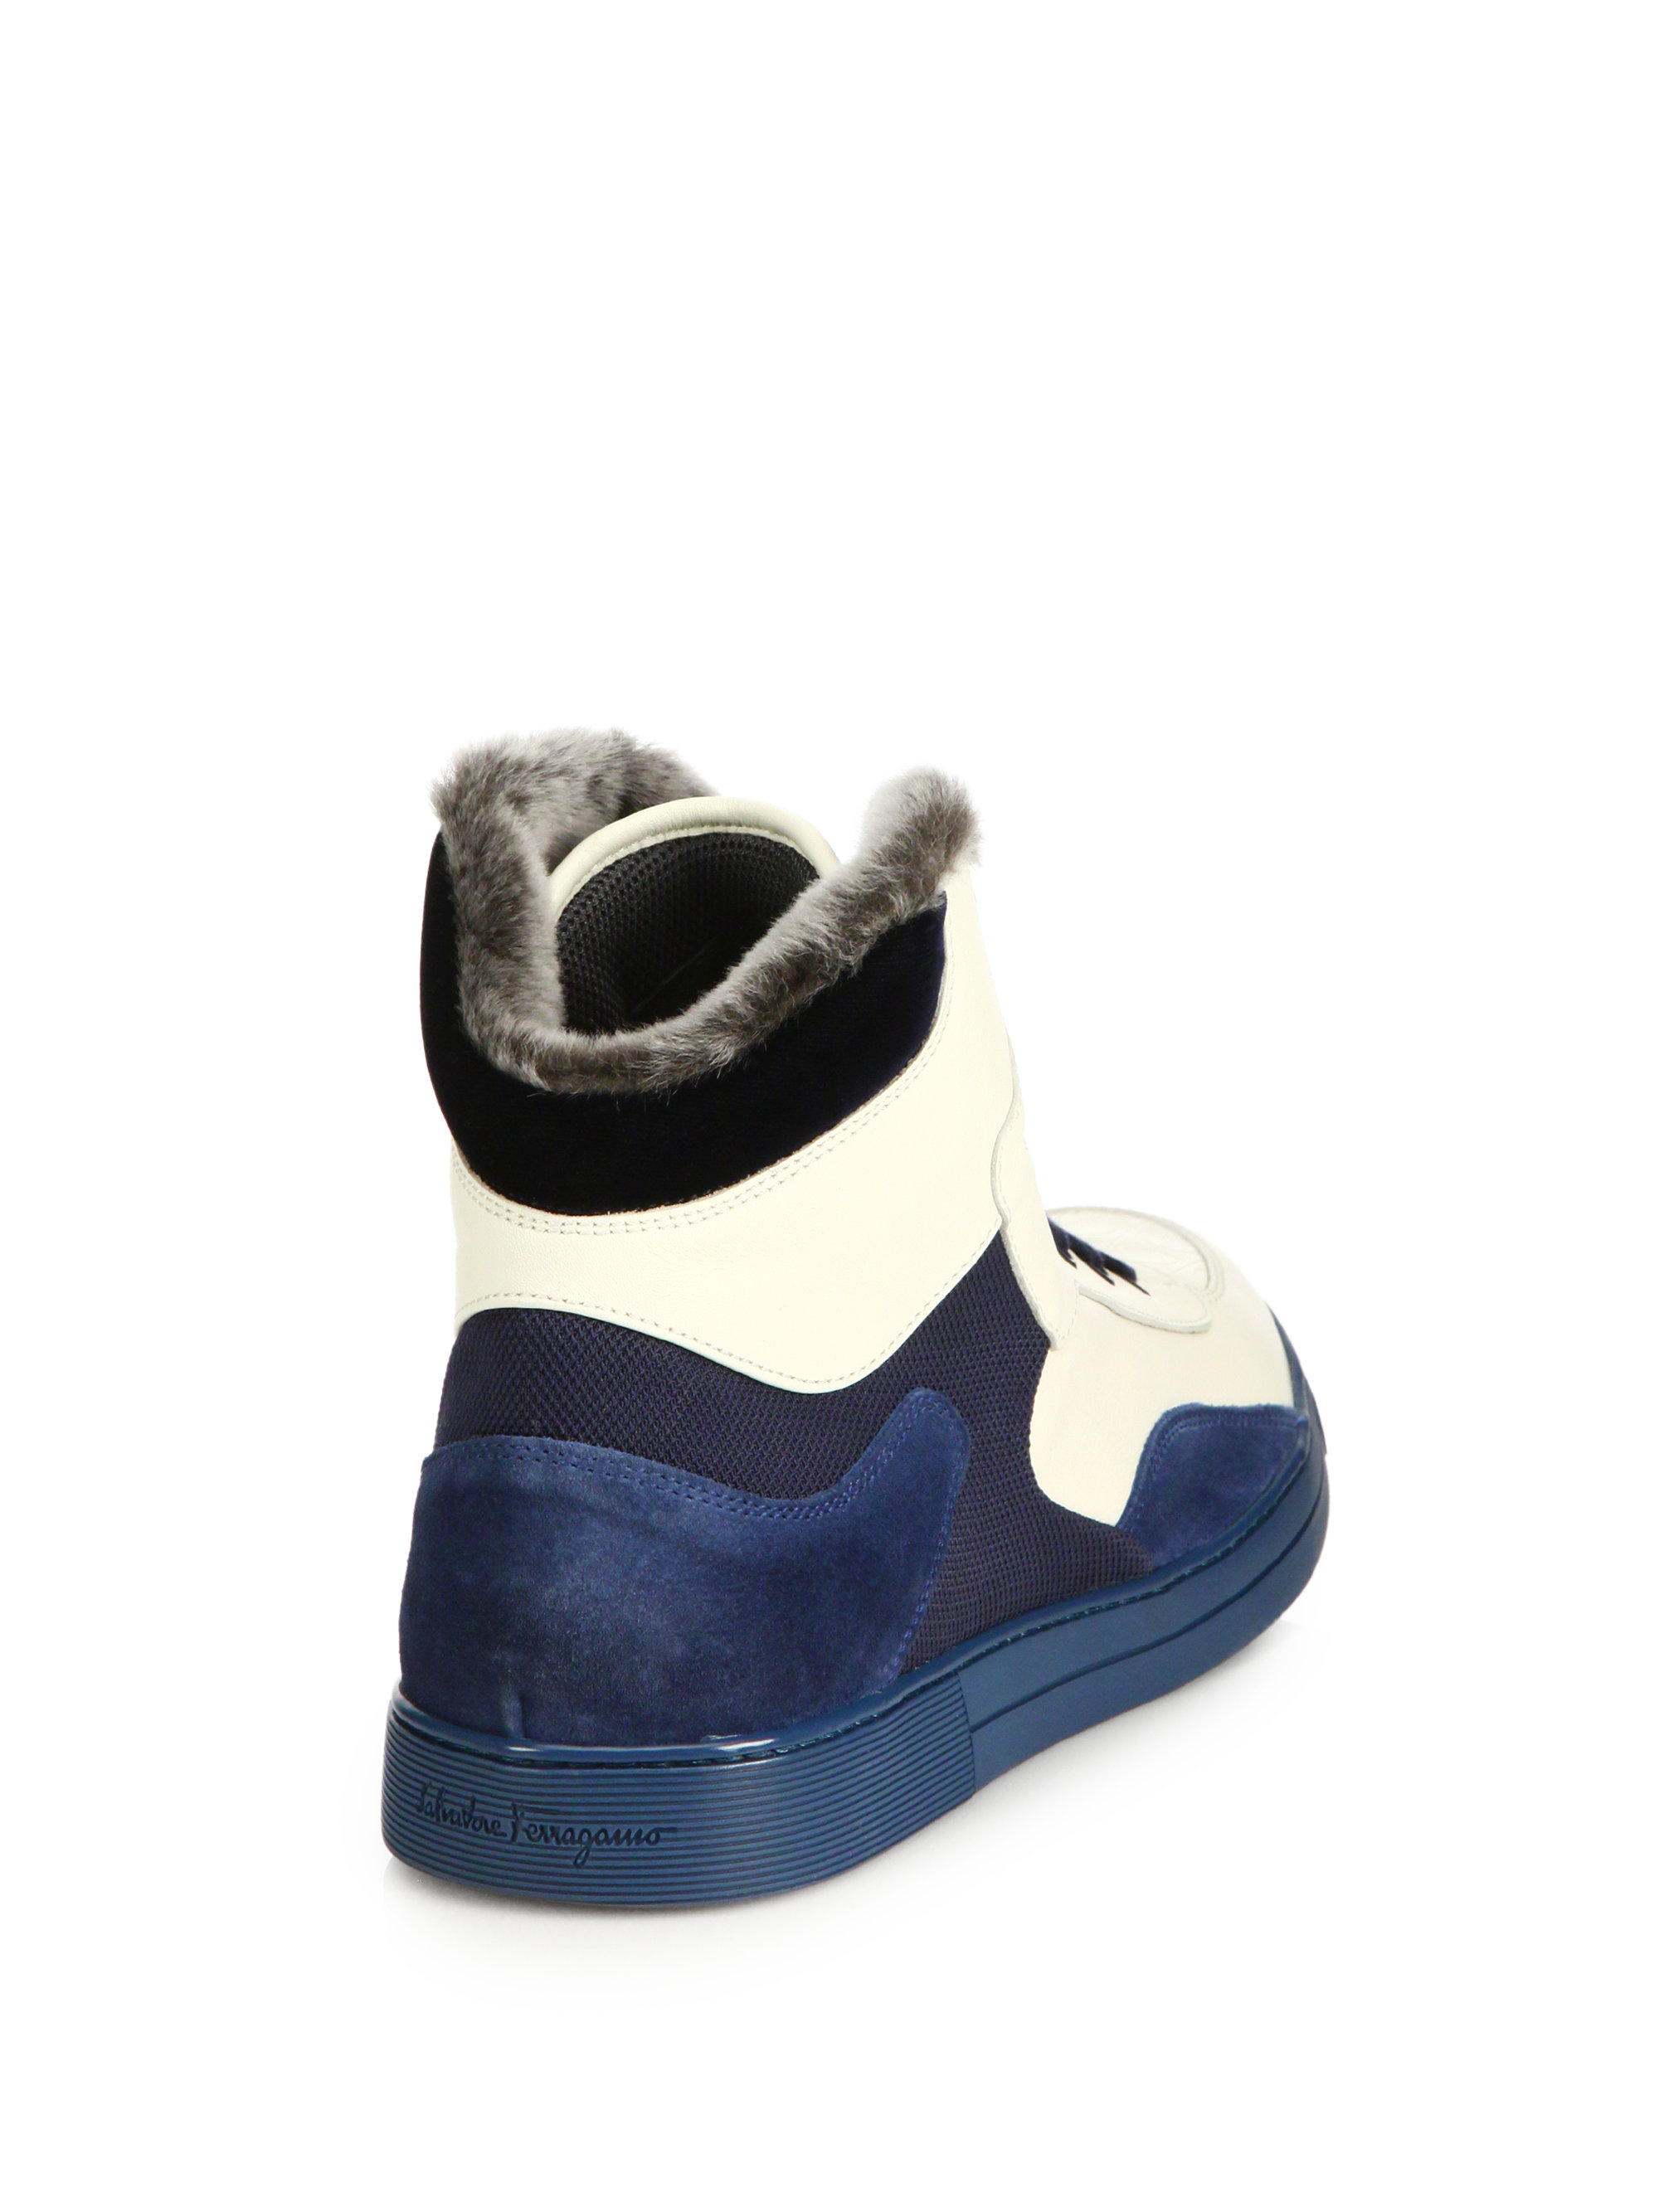 Salvatore Ferragamo Running Shoes